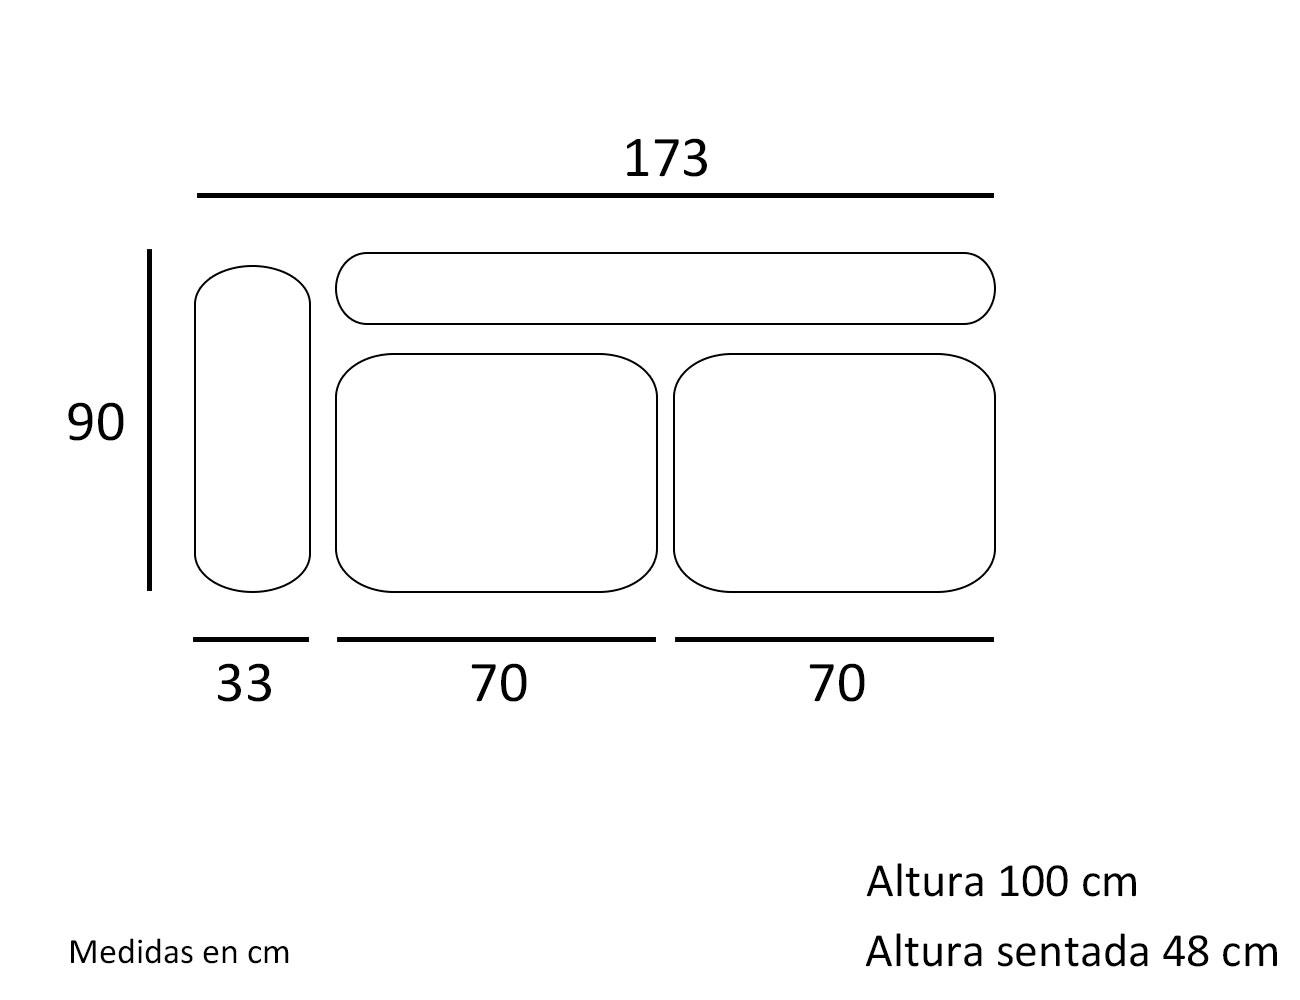 Croquis modulo 2 plazas con 1 brazo 173